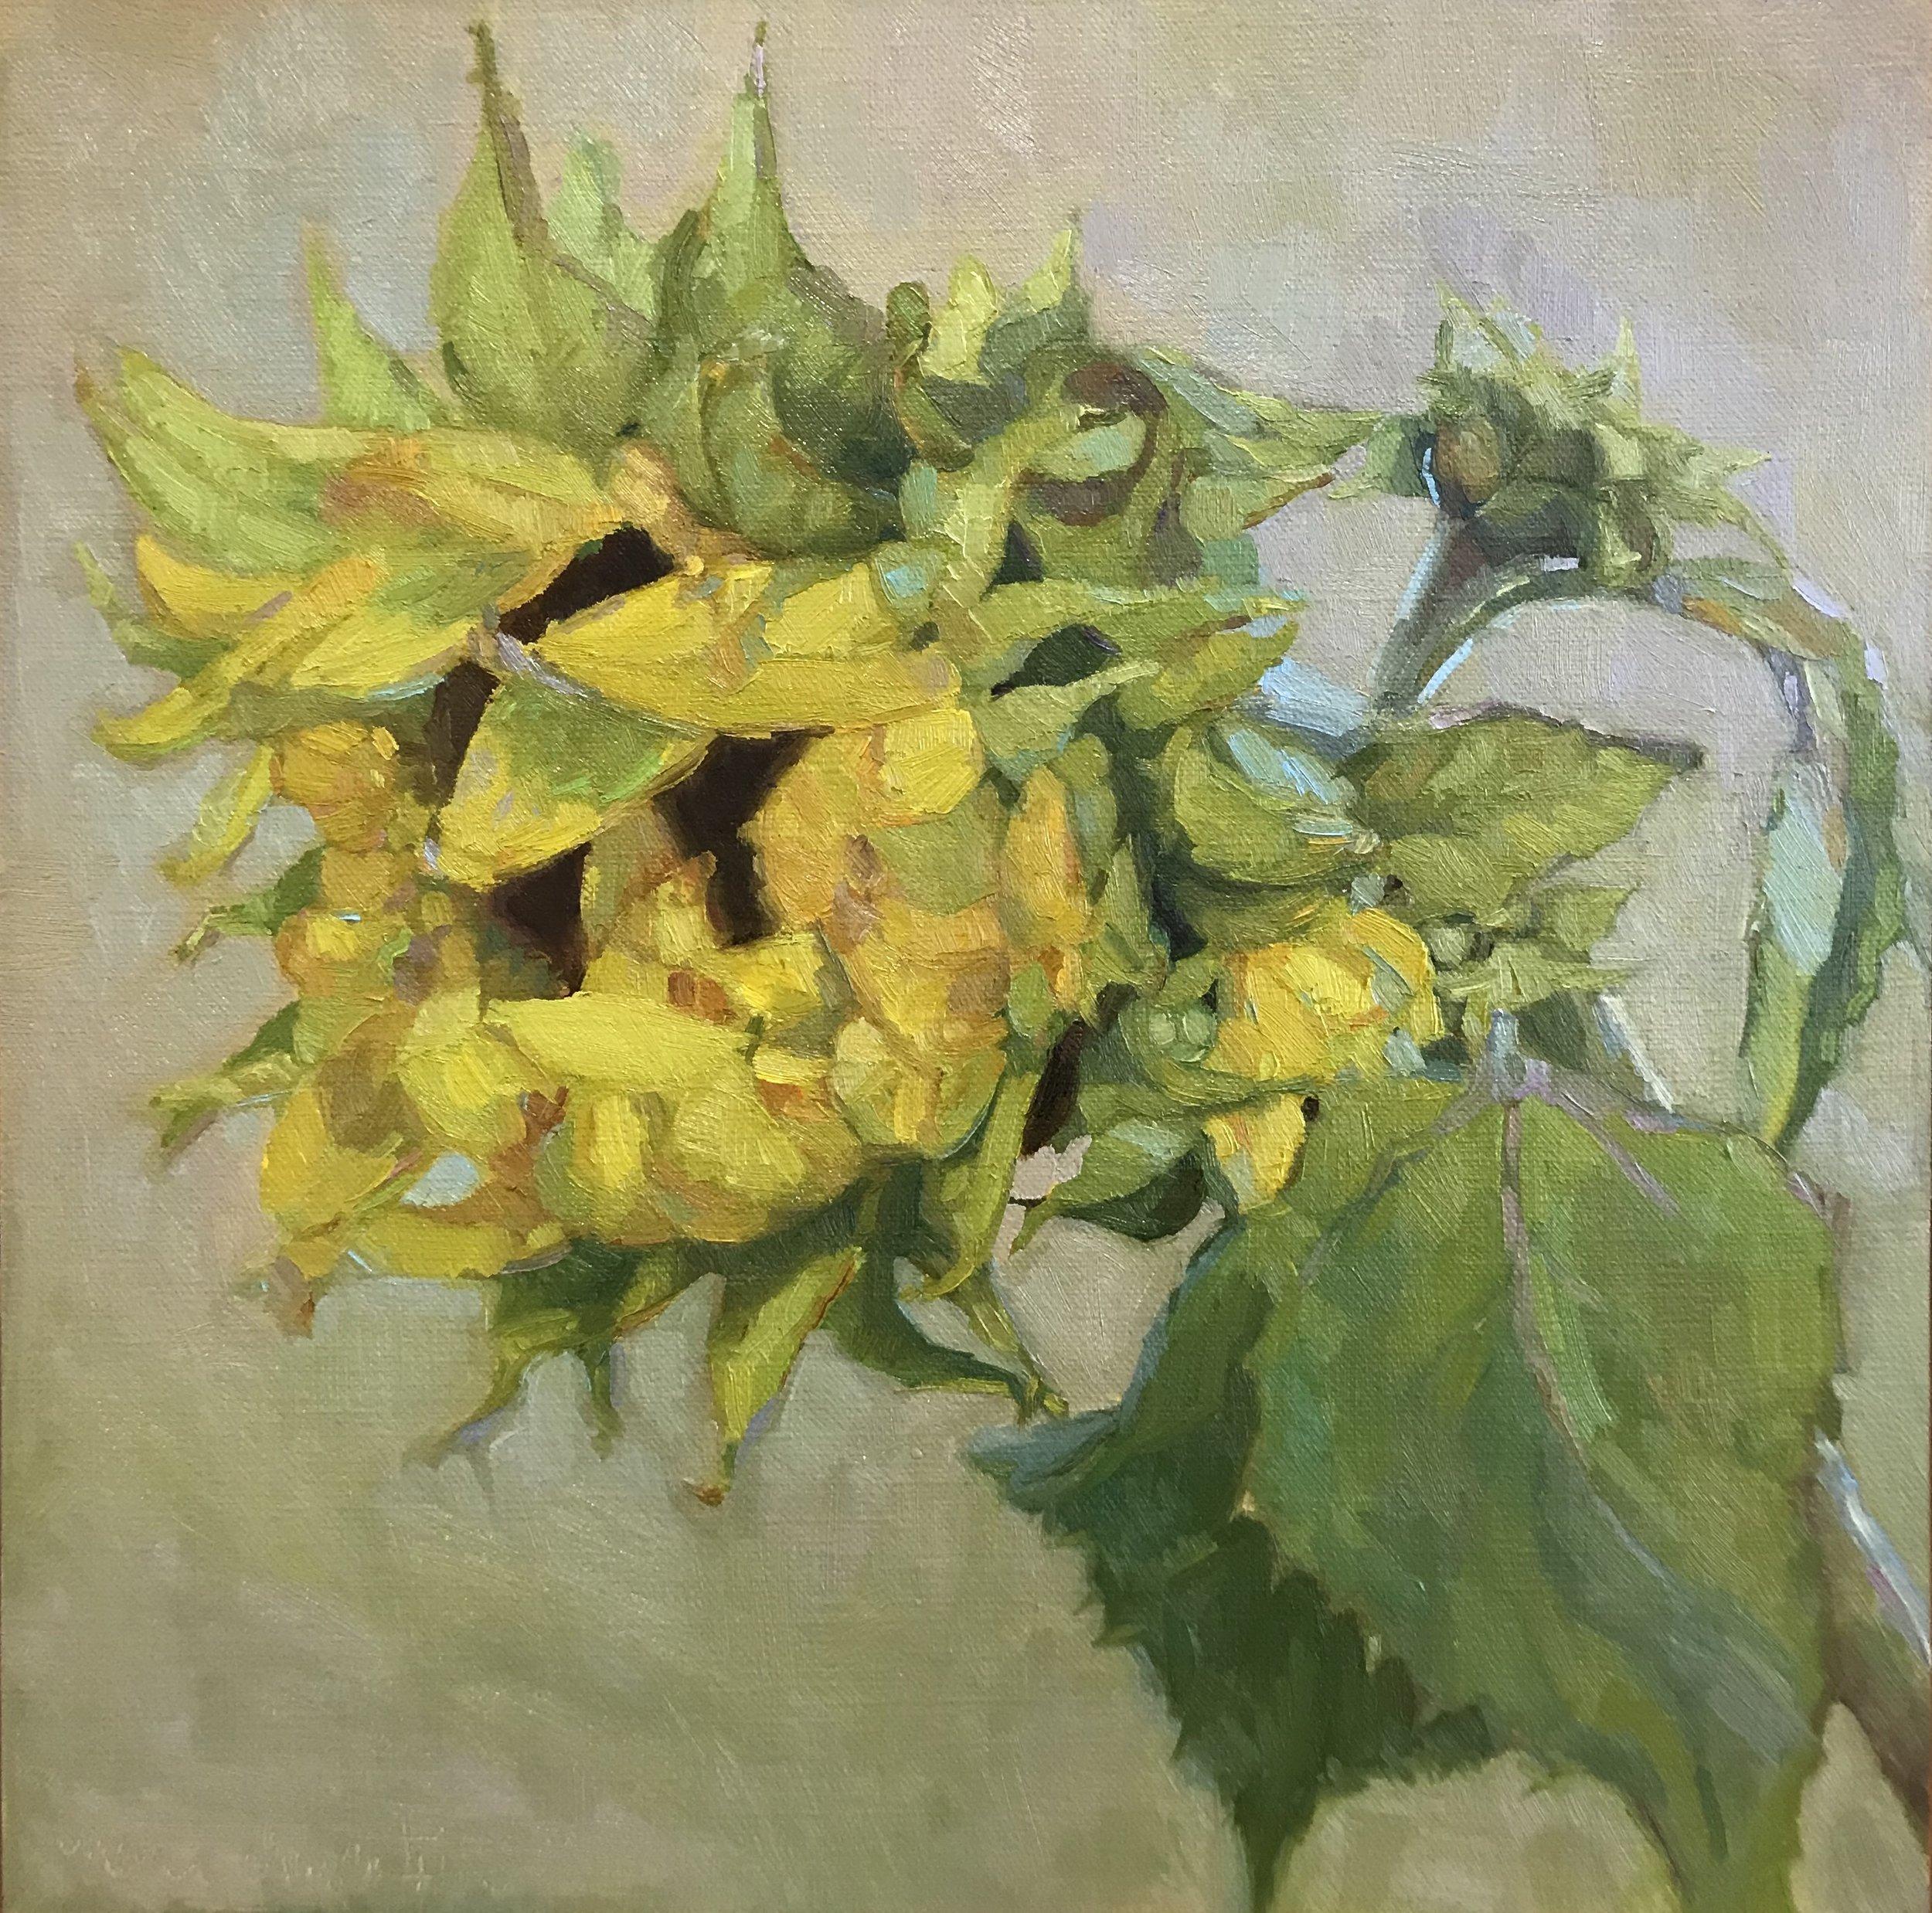 Nanci Charpentier Fine Art  Visual Artist / Painter   www.nancicharpentier.com